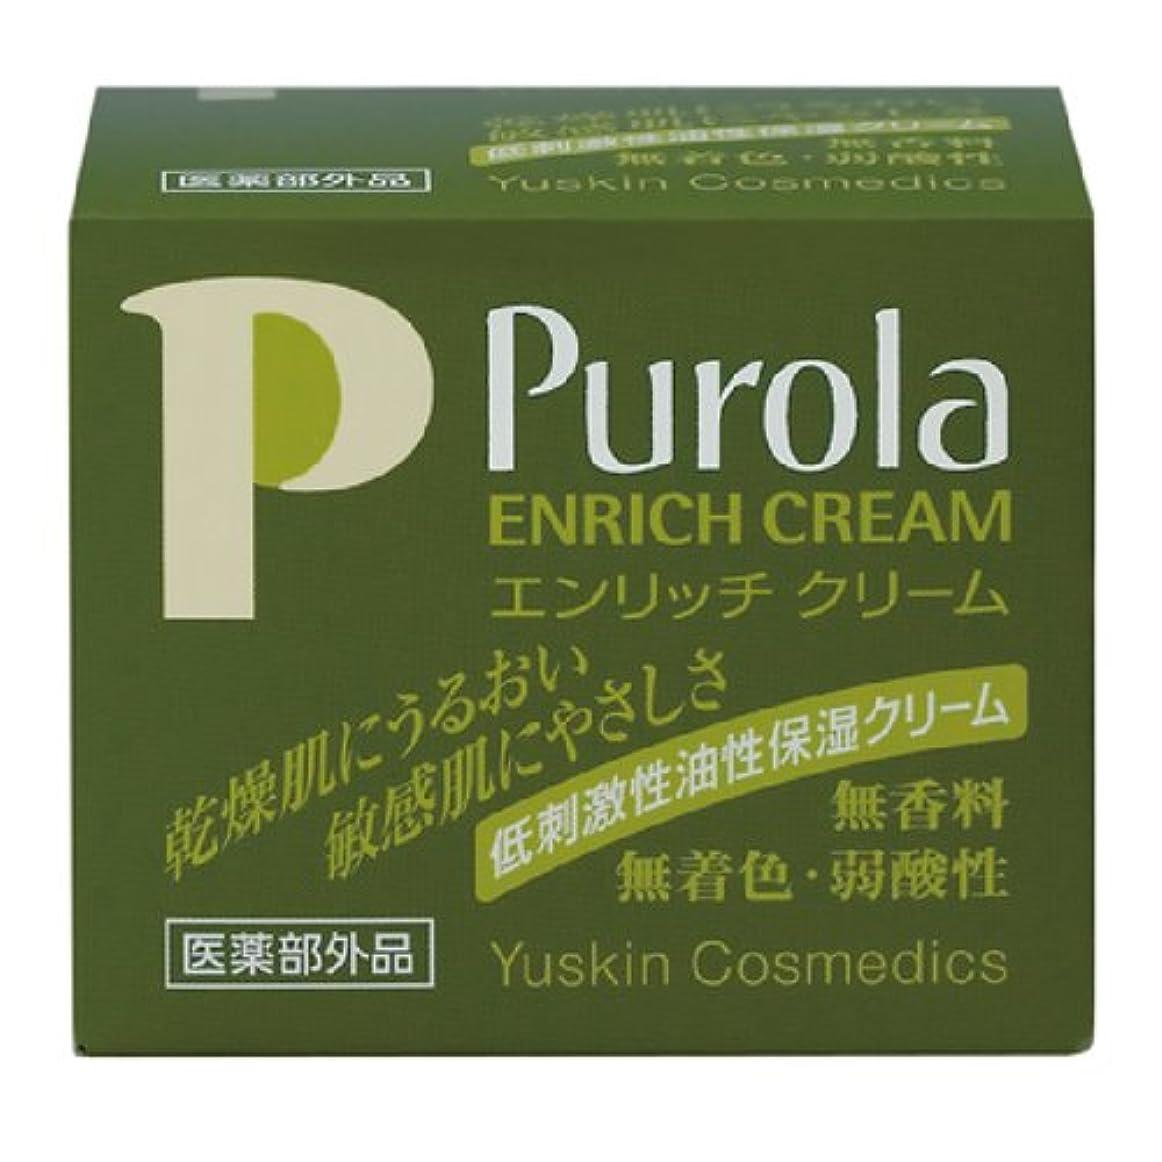 レギュラー極小フェッチプローラ 薬用エンリッチクリームa 67g